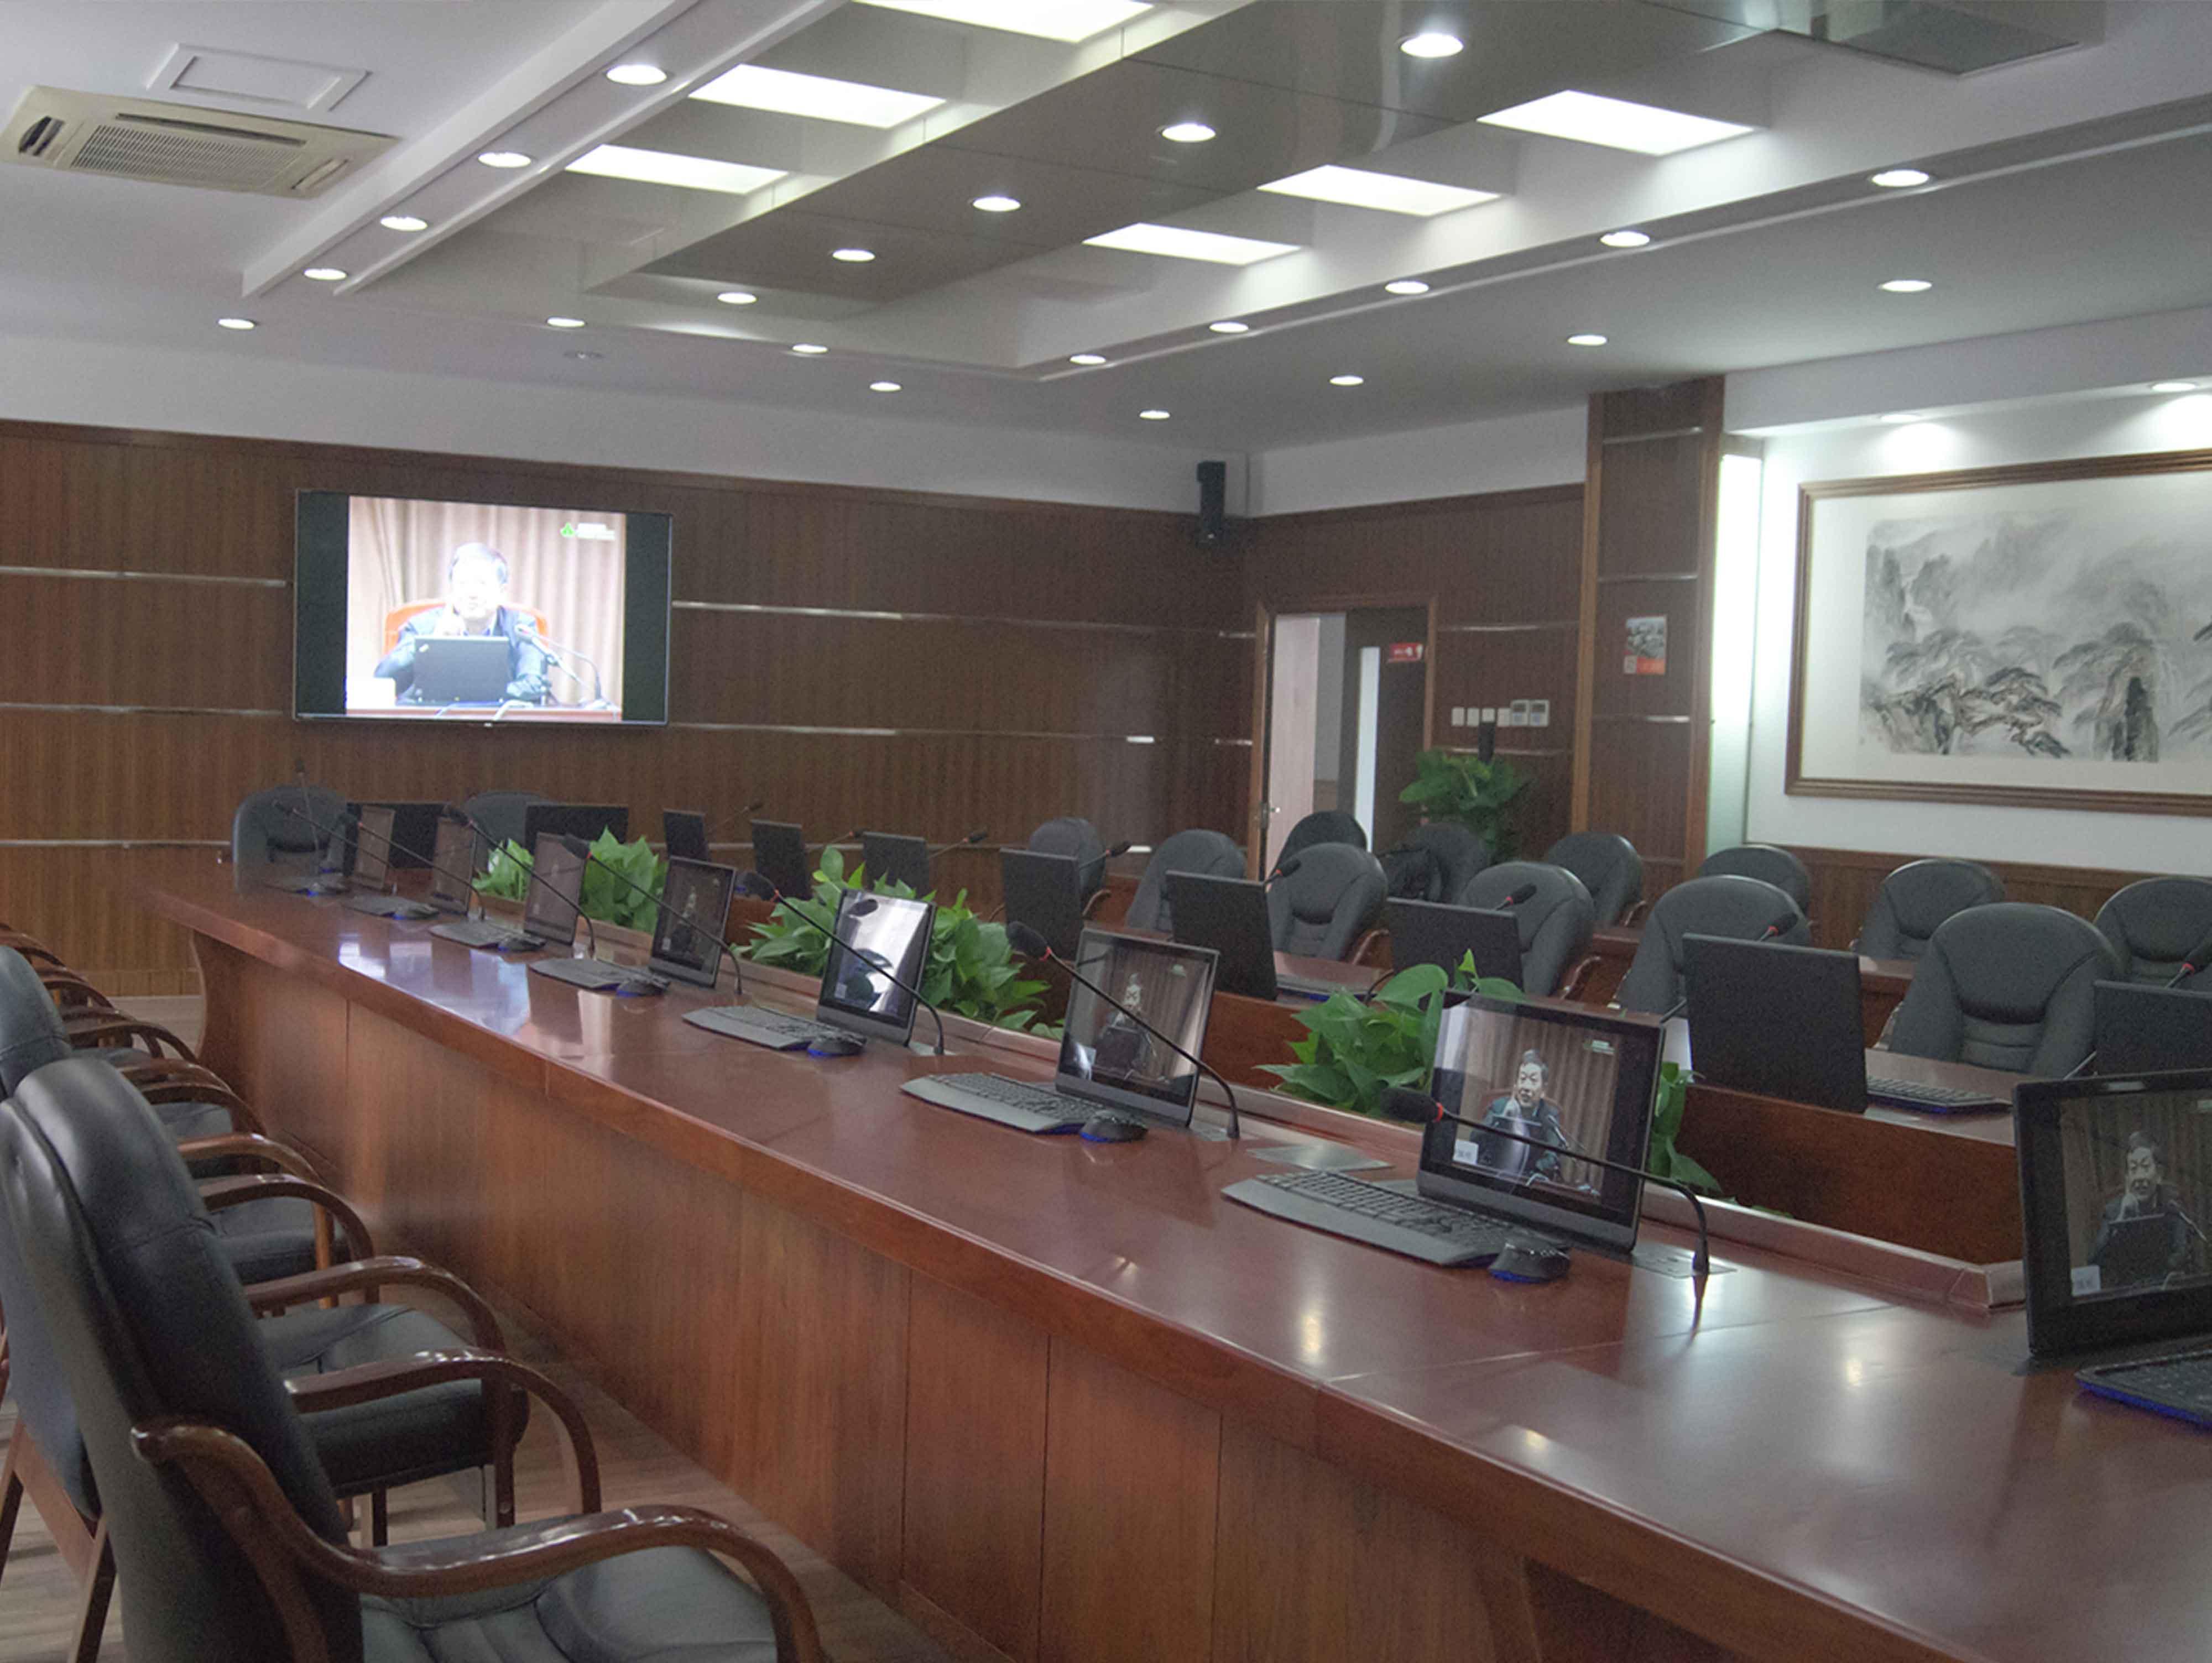 热烈祝贺杭州市委党校使用乐访无纸化会议系统